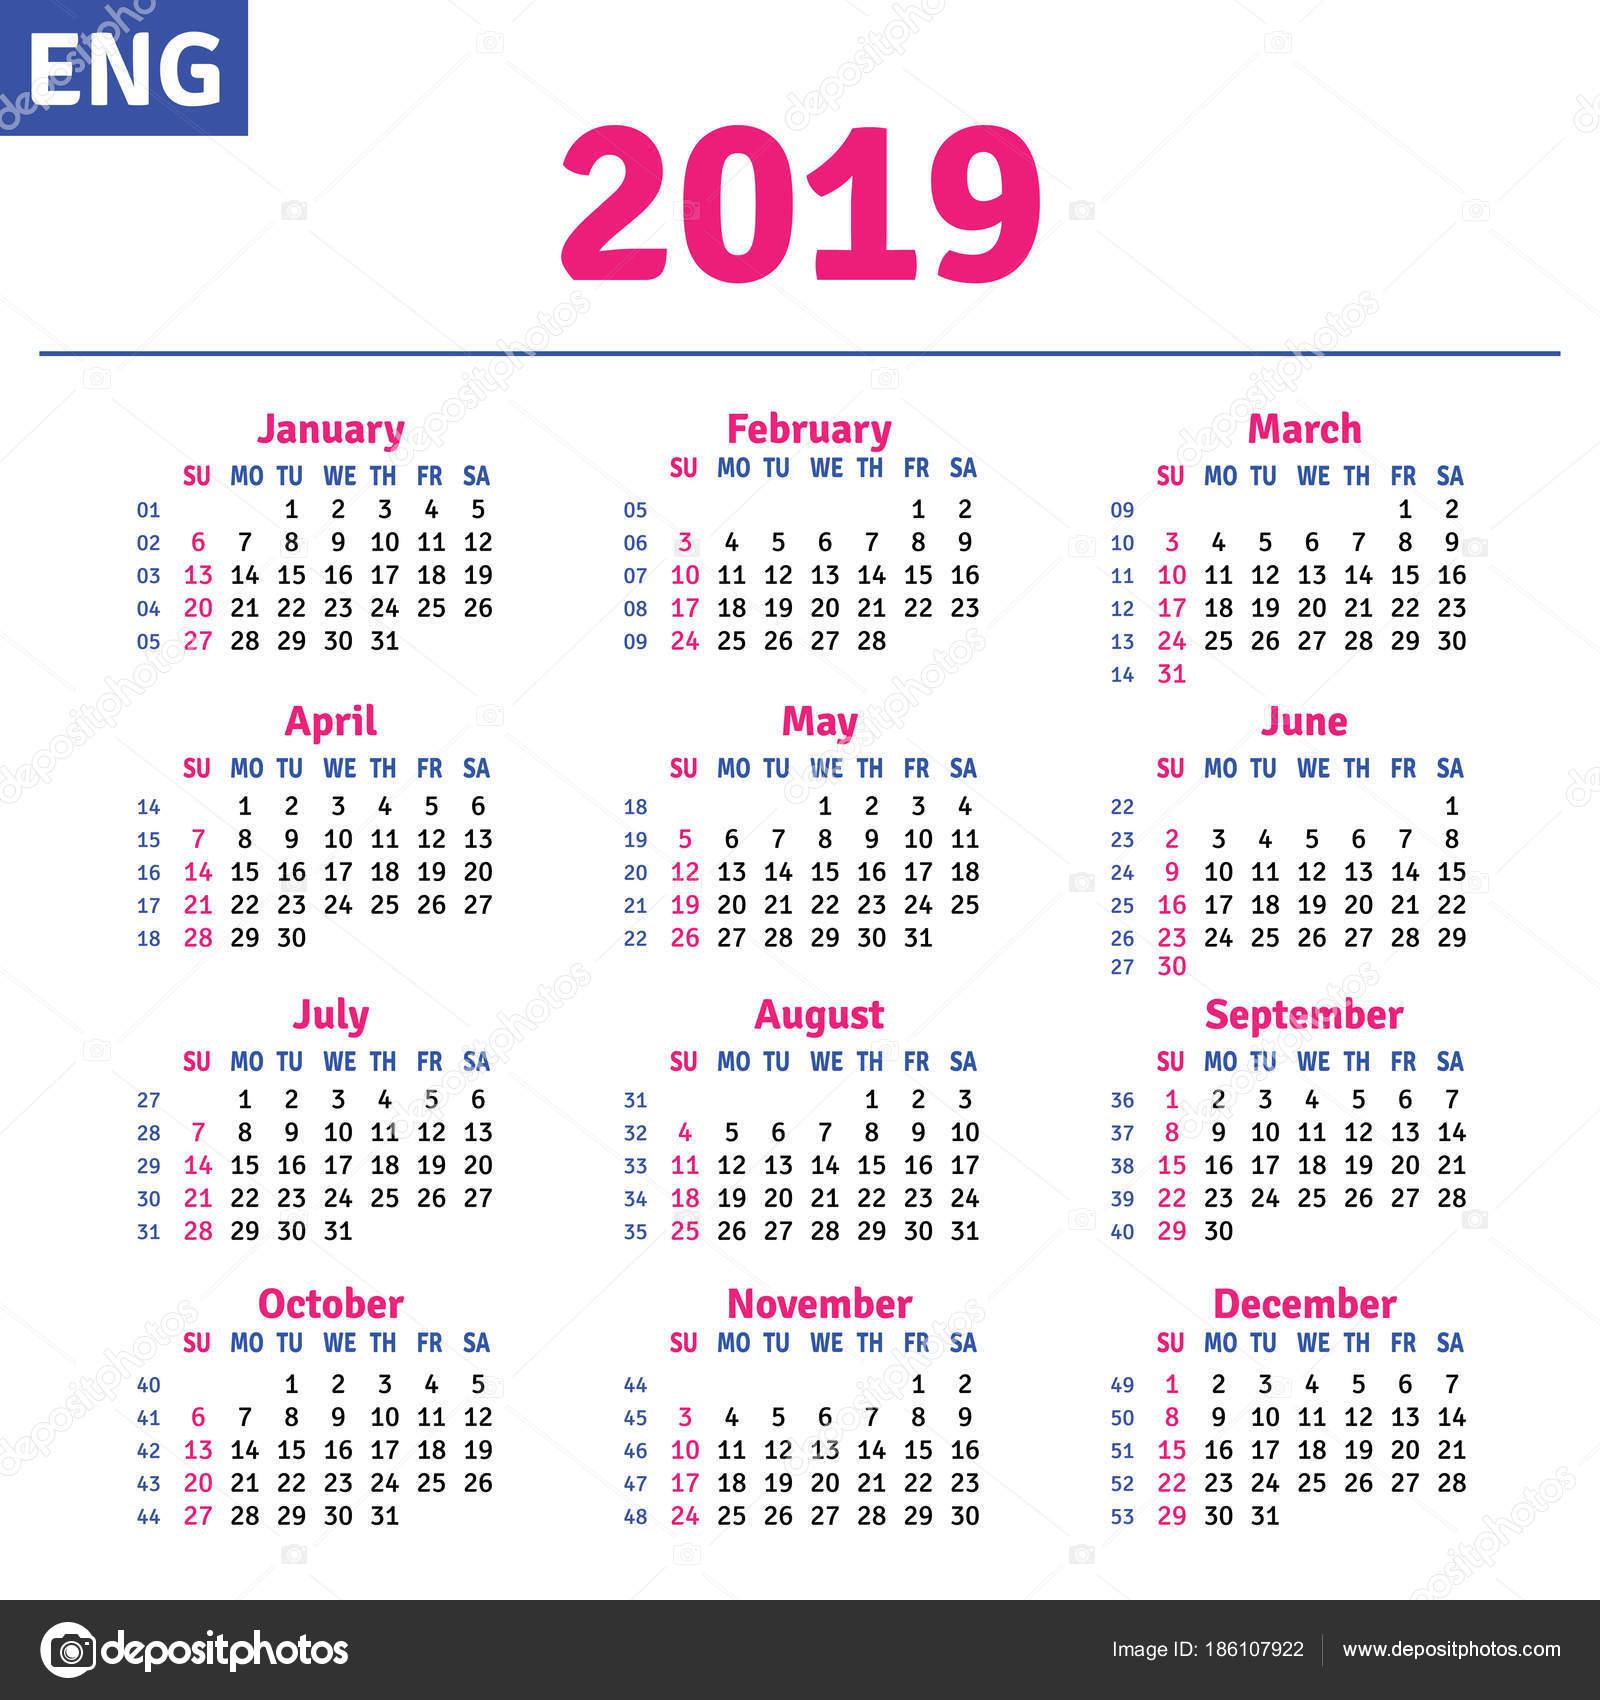 Calendario 2019 English.English Calendar 2019 Stock Vector C Rustamank 186107922